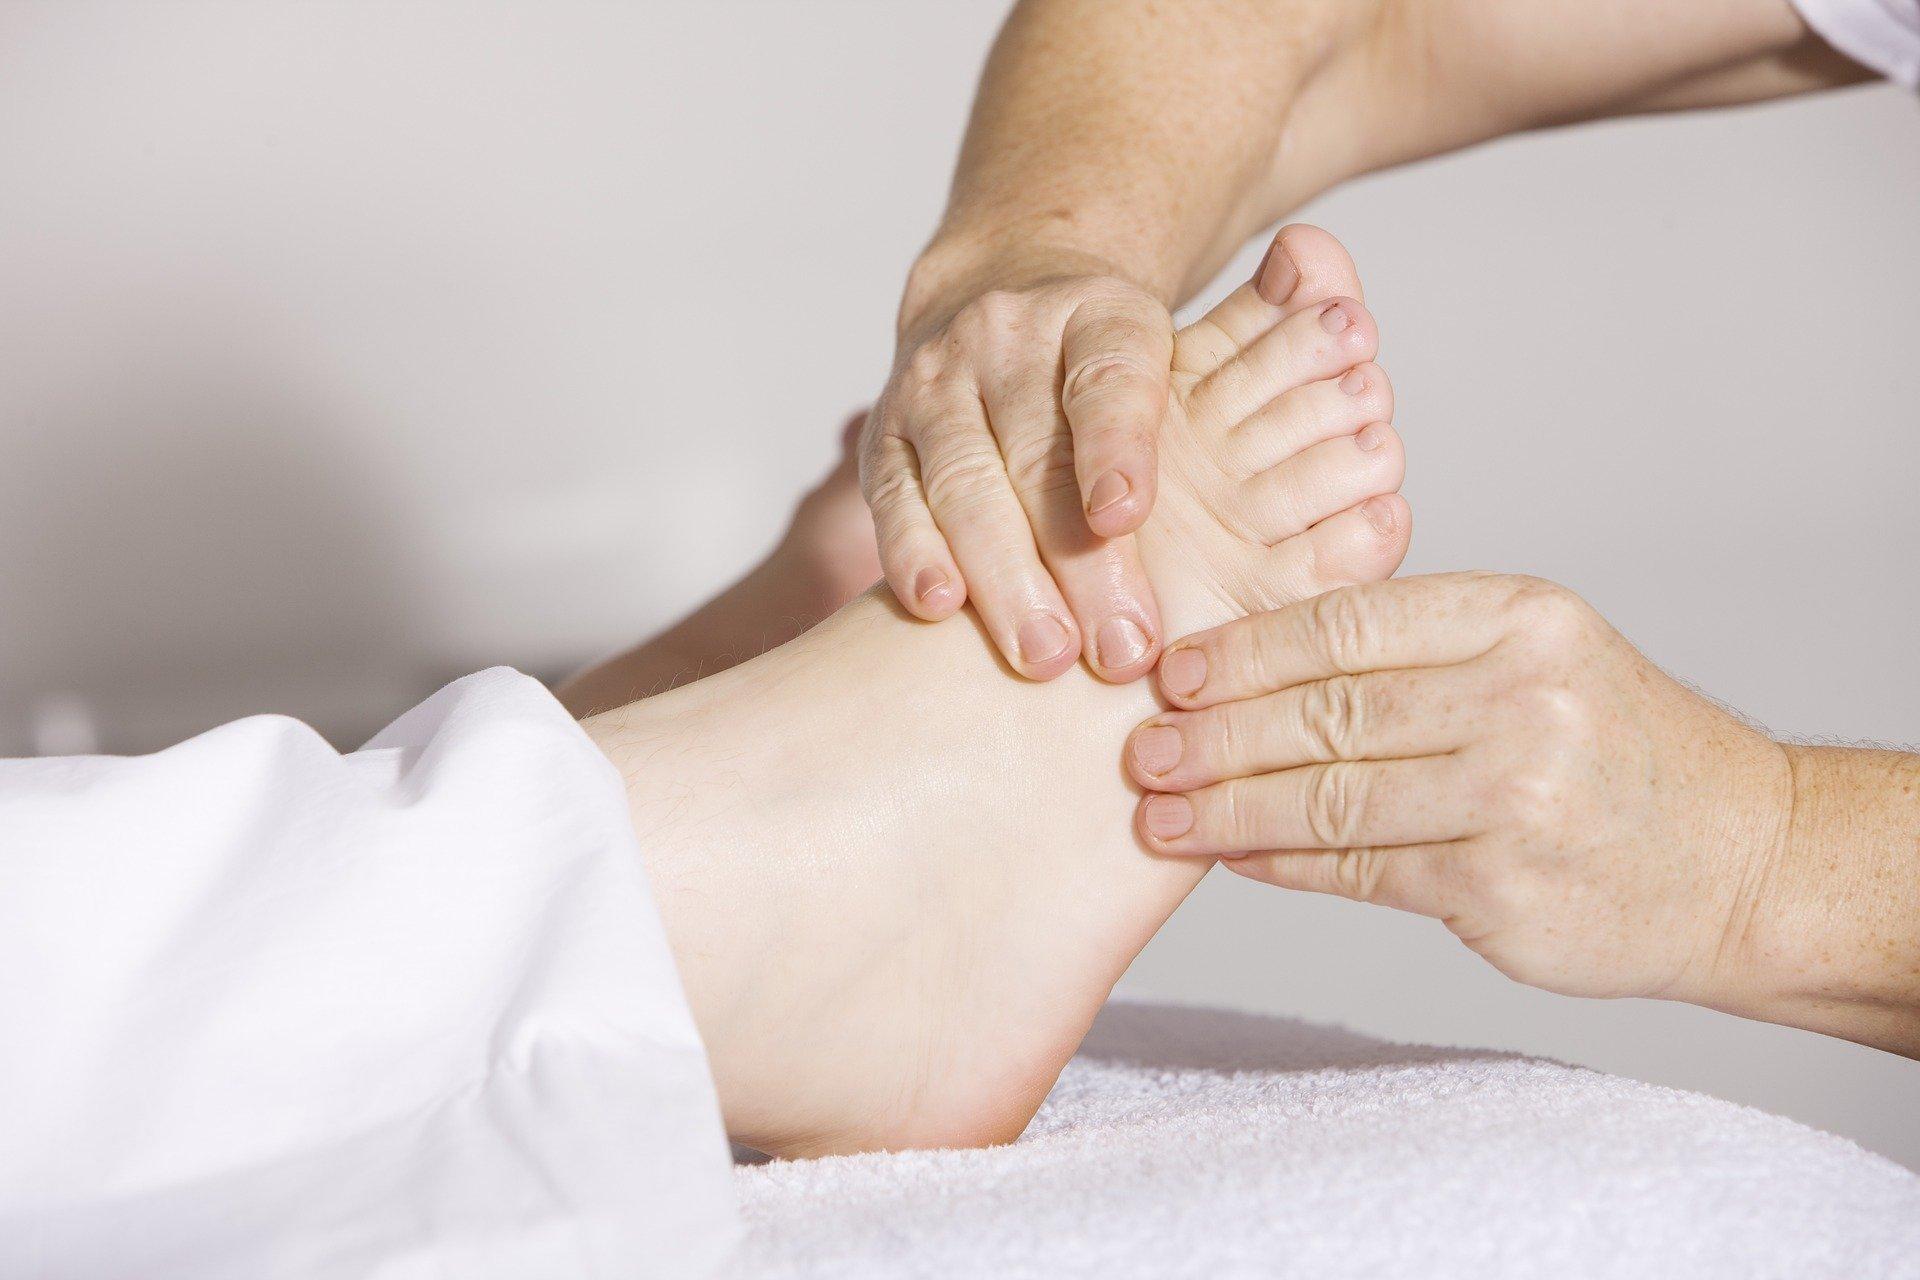 akupunktur sventje heise